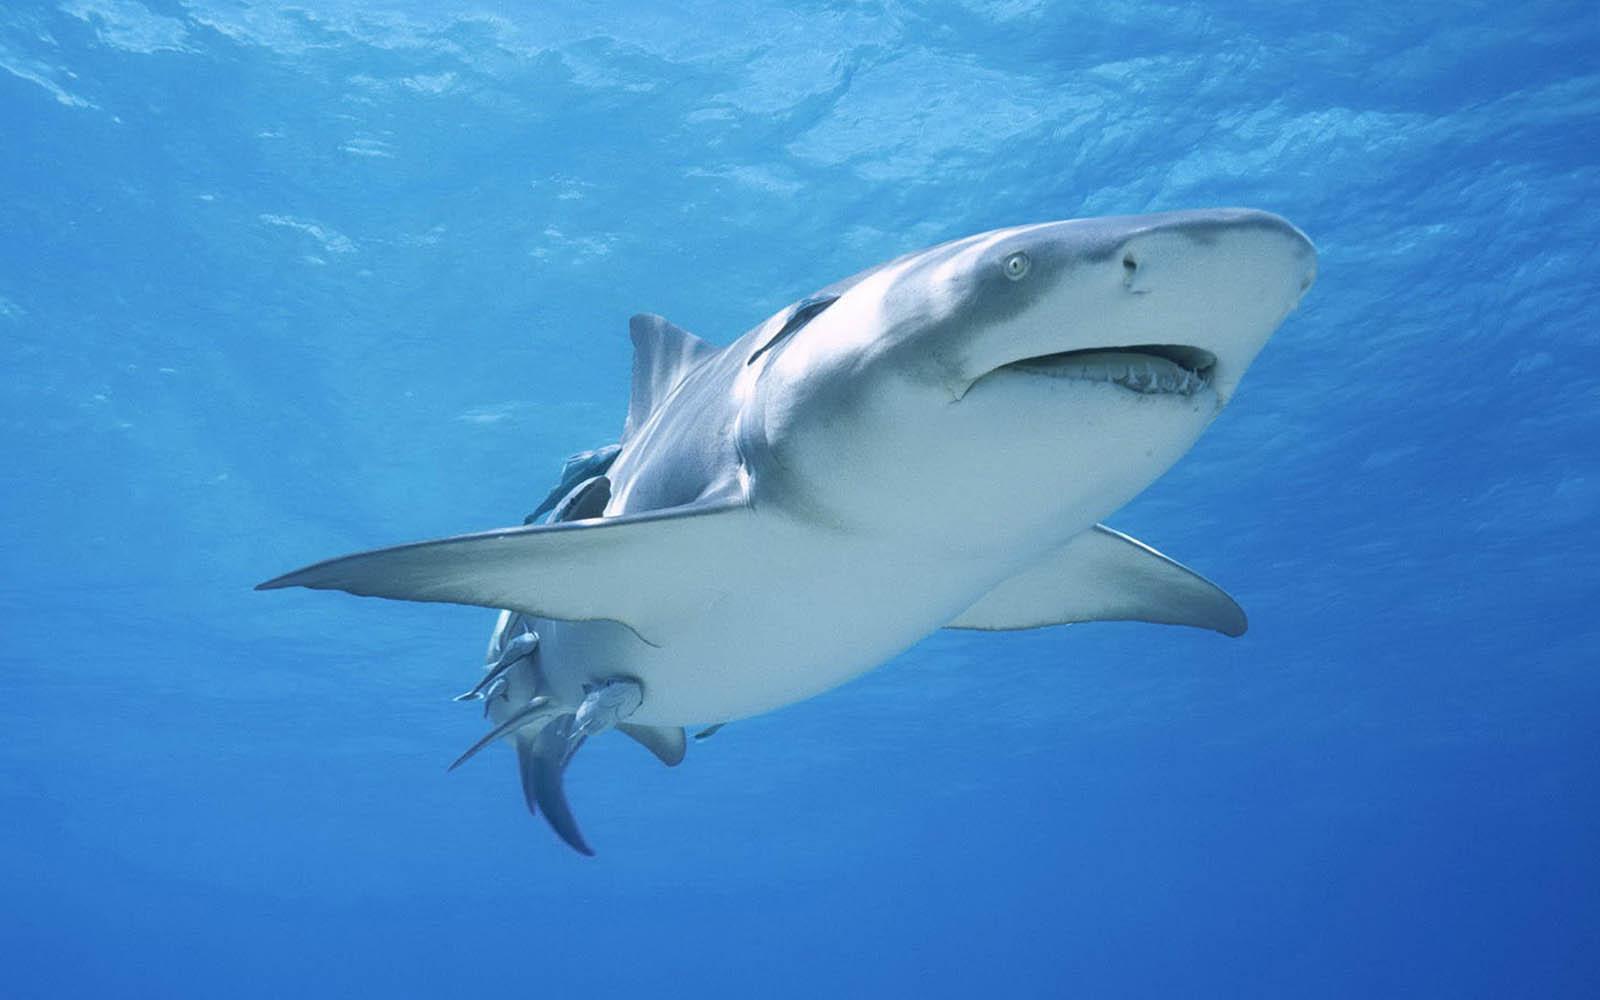 (http://3.bp.blogspot.com/-jbe2HIAUB_U/UI6Au4WYt5I/AAAAAAAAMZ8/Oeyzhd0wL8Q/s1600/Shark+Wallpapers+1.jpg)